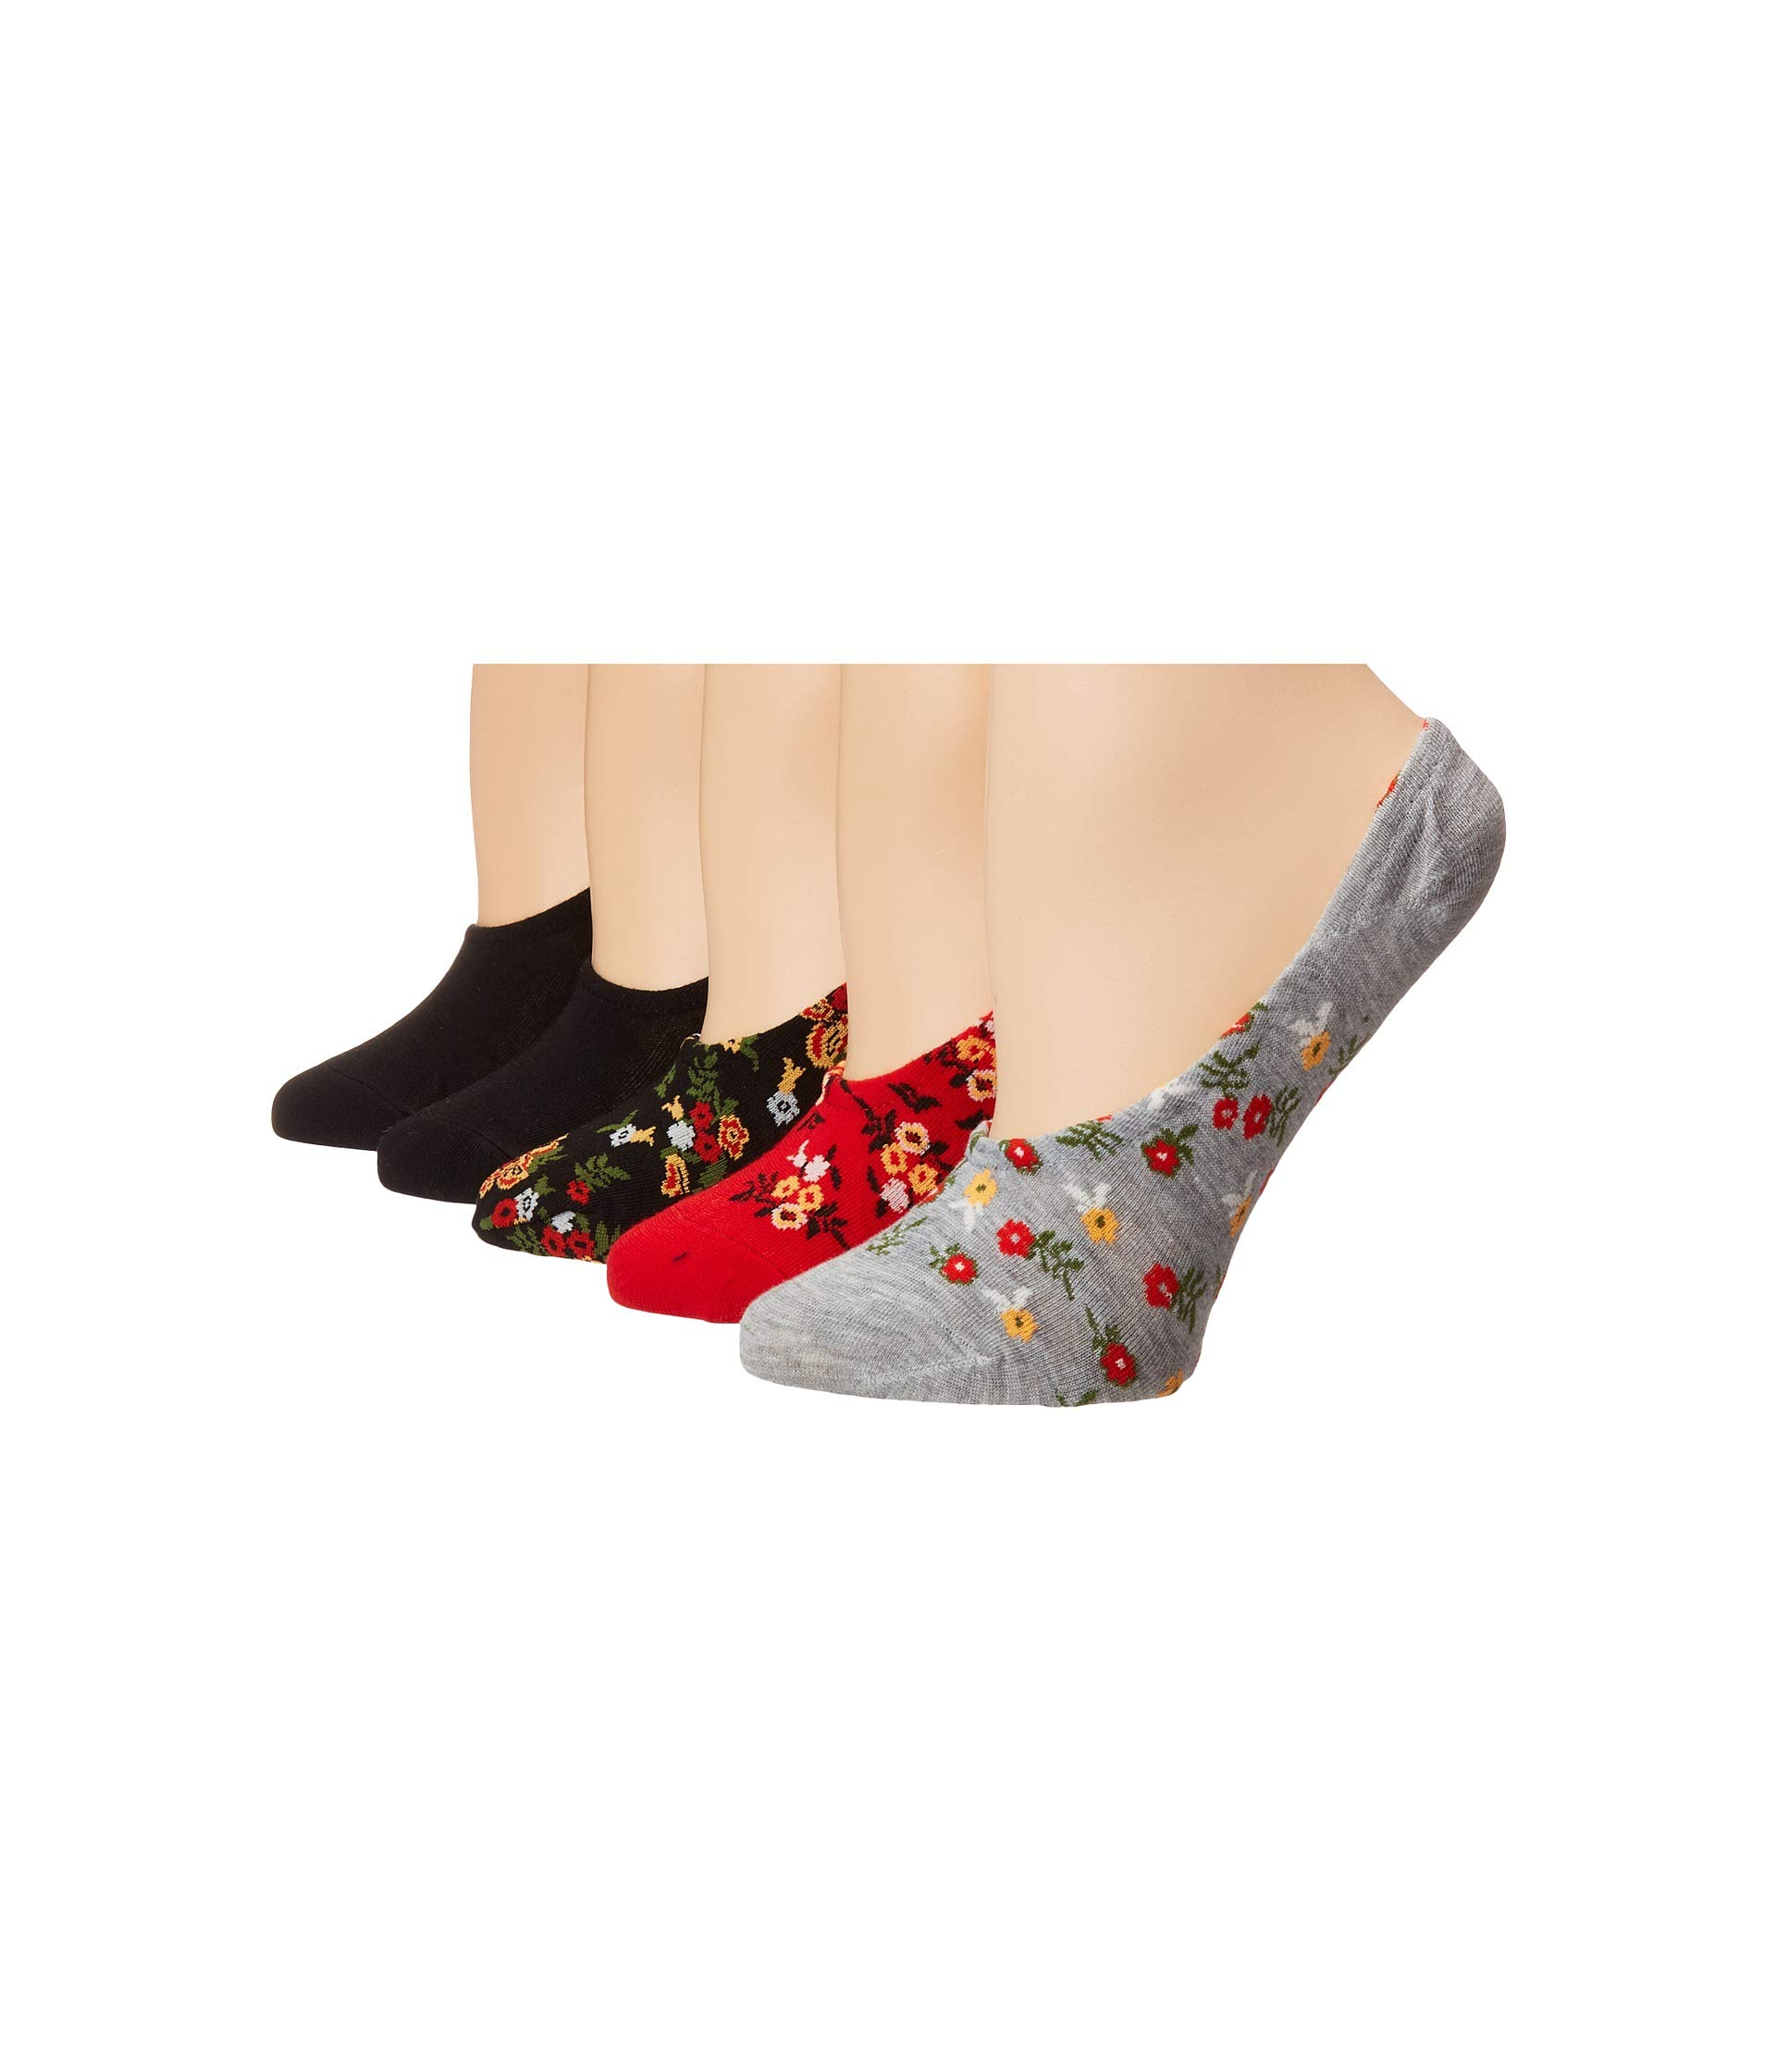 pack Johnson Multi 5 Footies Pattern Socks Betsey Flower gACqwT